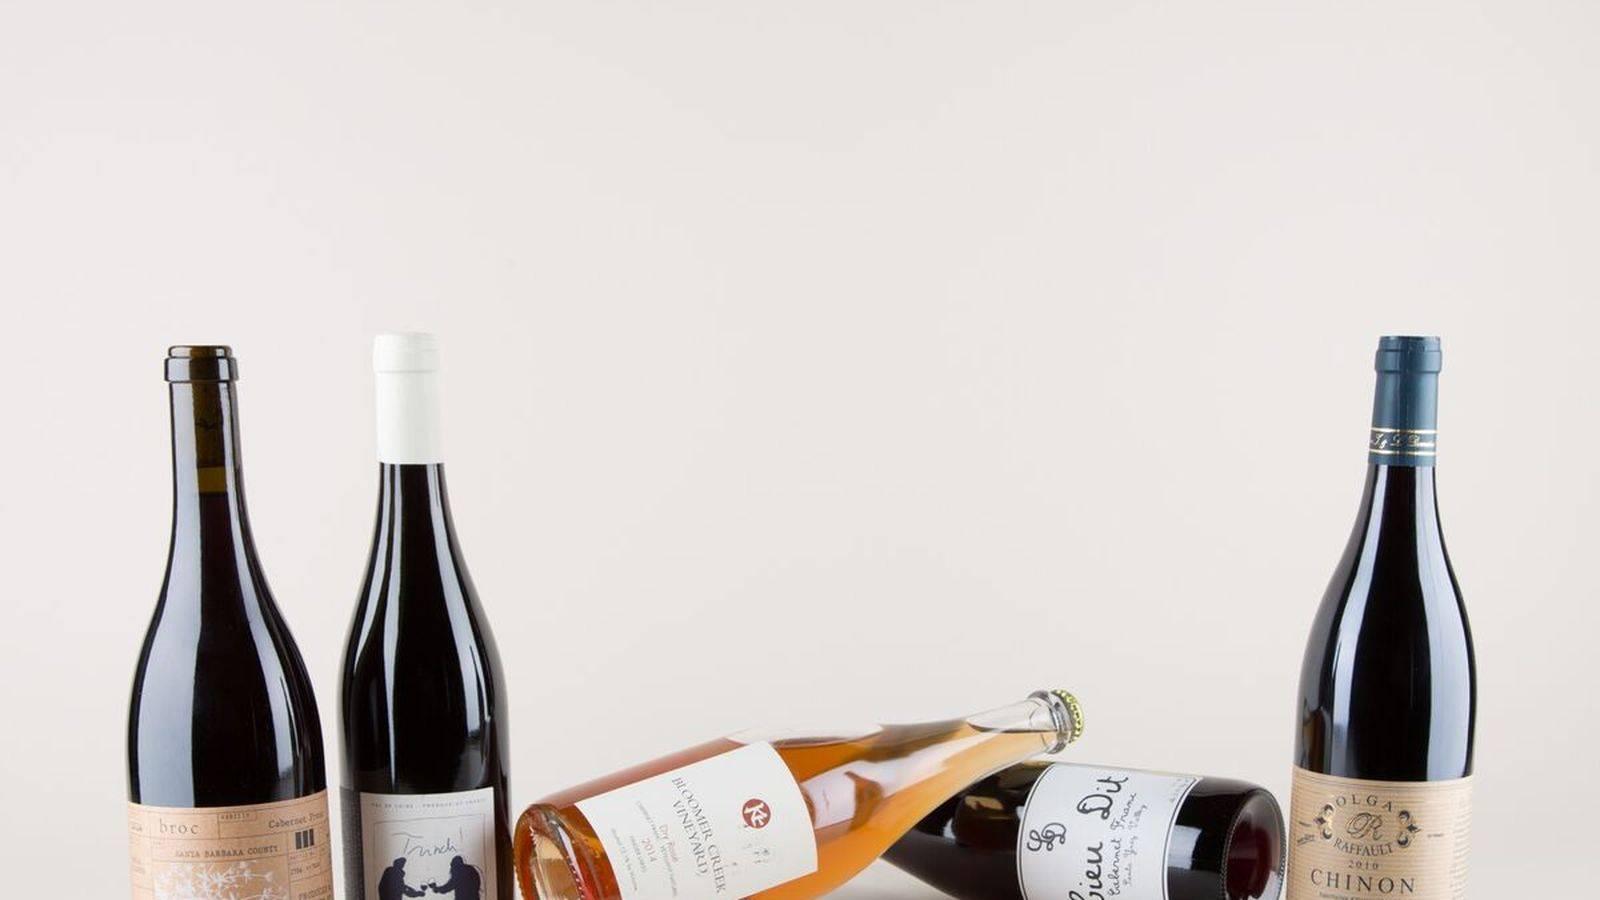 Американское вино: история, винные регионы, бренды, марки и сорта